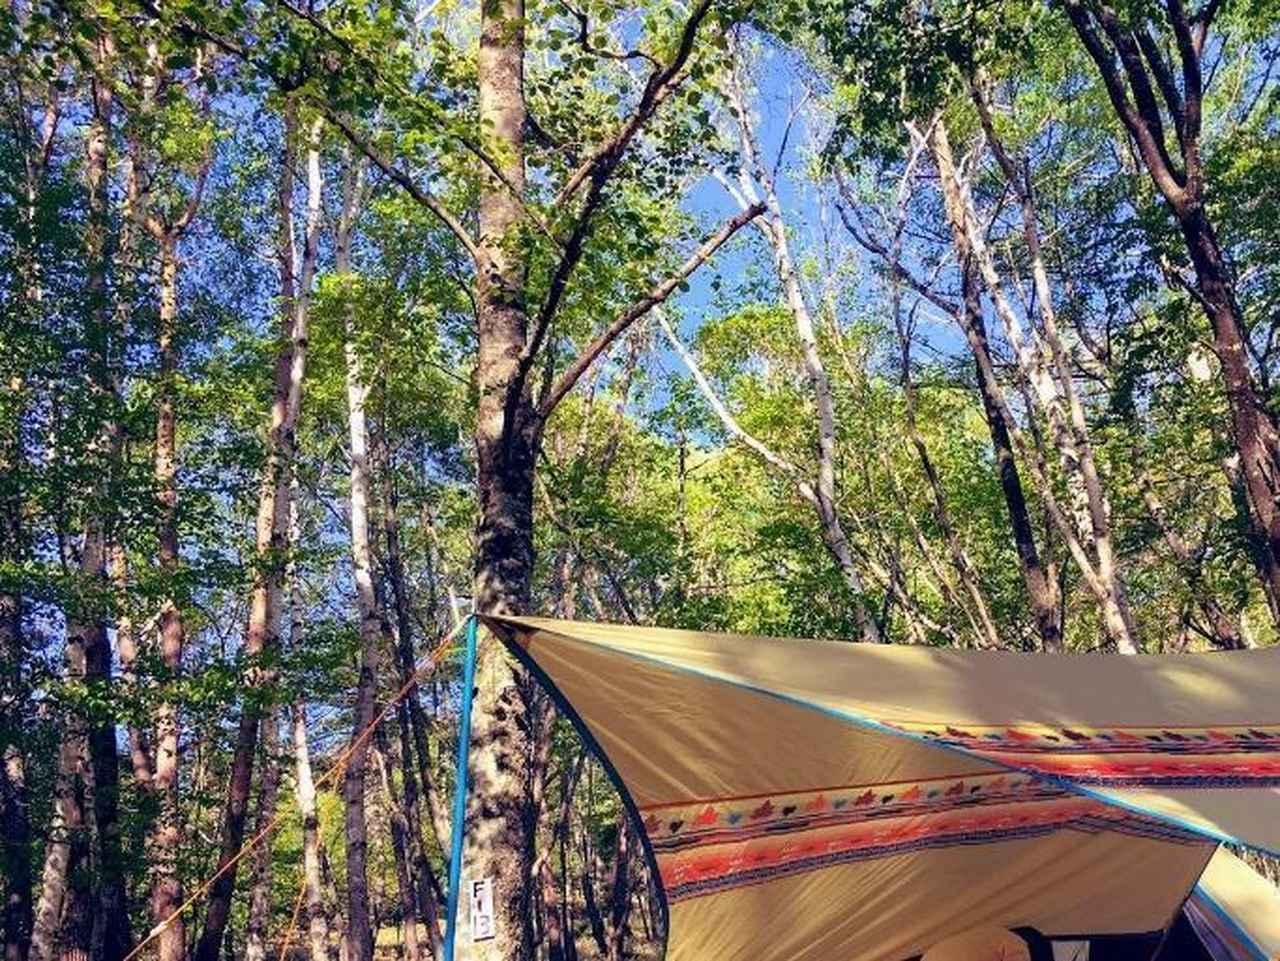 画像: 【行ってみた】標高1467mで夏も涼しい! 山梨県・みずがき山森の農園キャンプ場 - ハピキャン|キャンプ・アウトドア情報メディア